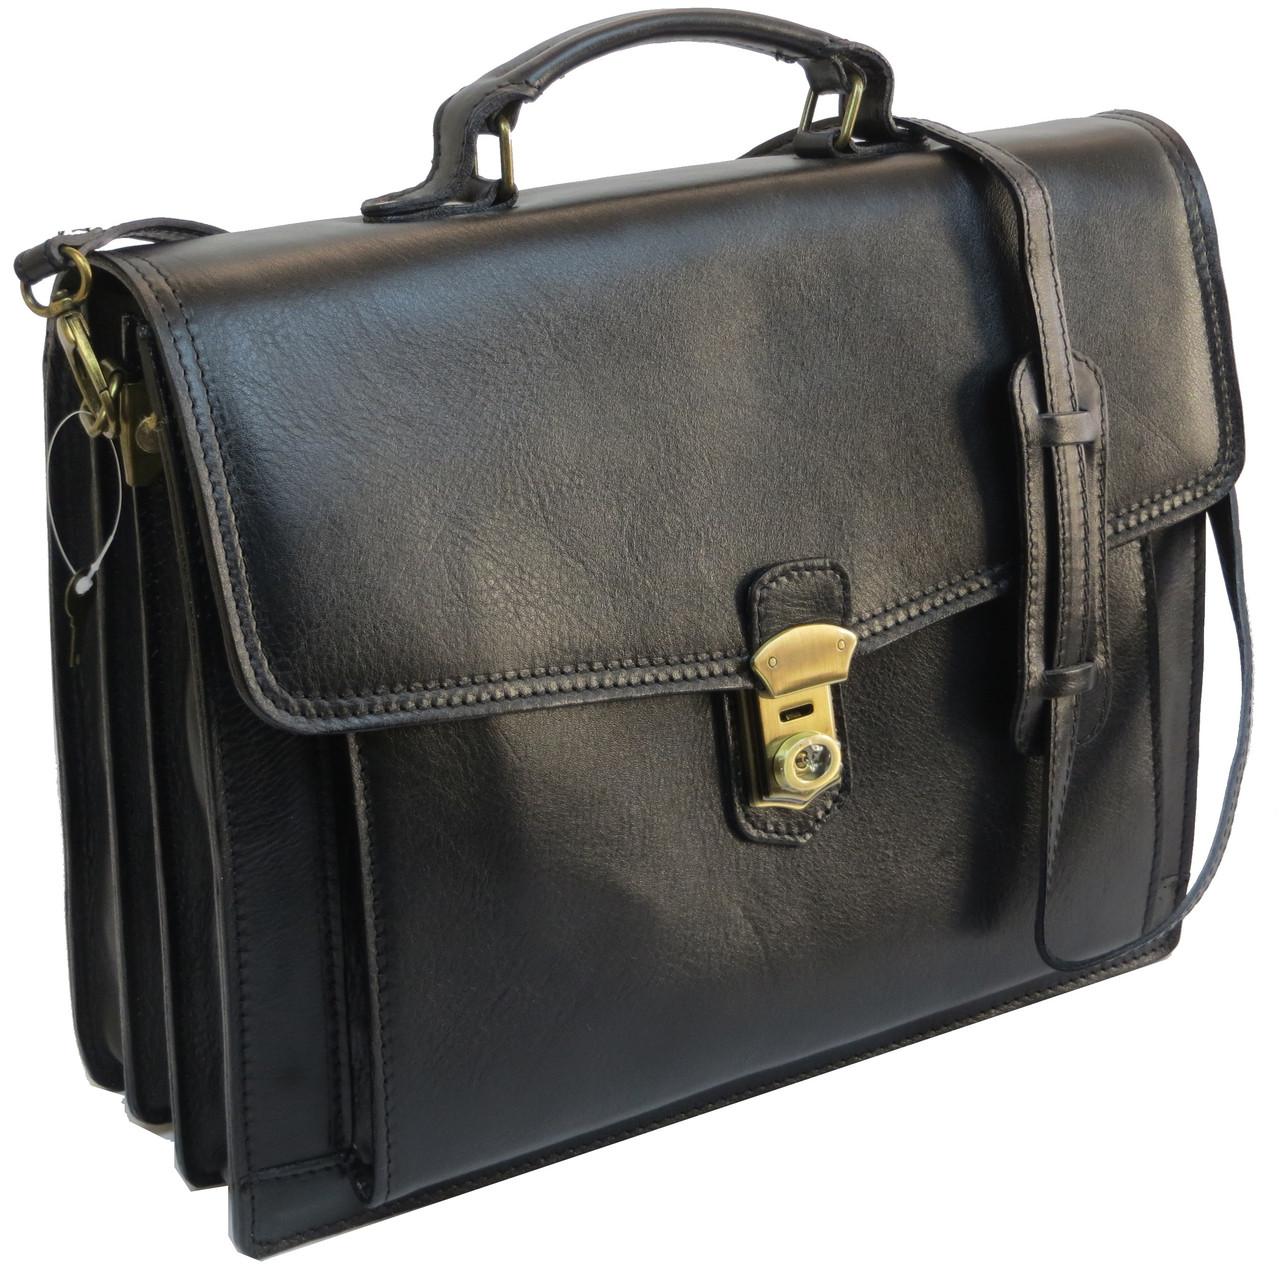 Большой кожаный деловой портфель Tomskor, Польша черный